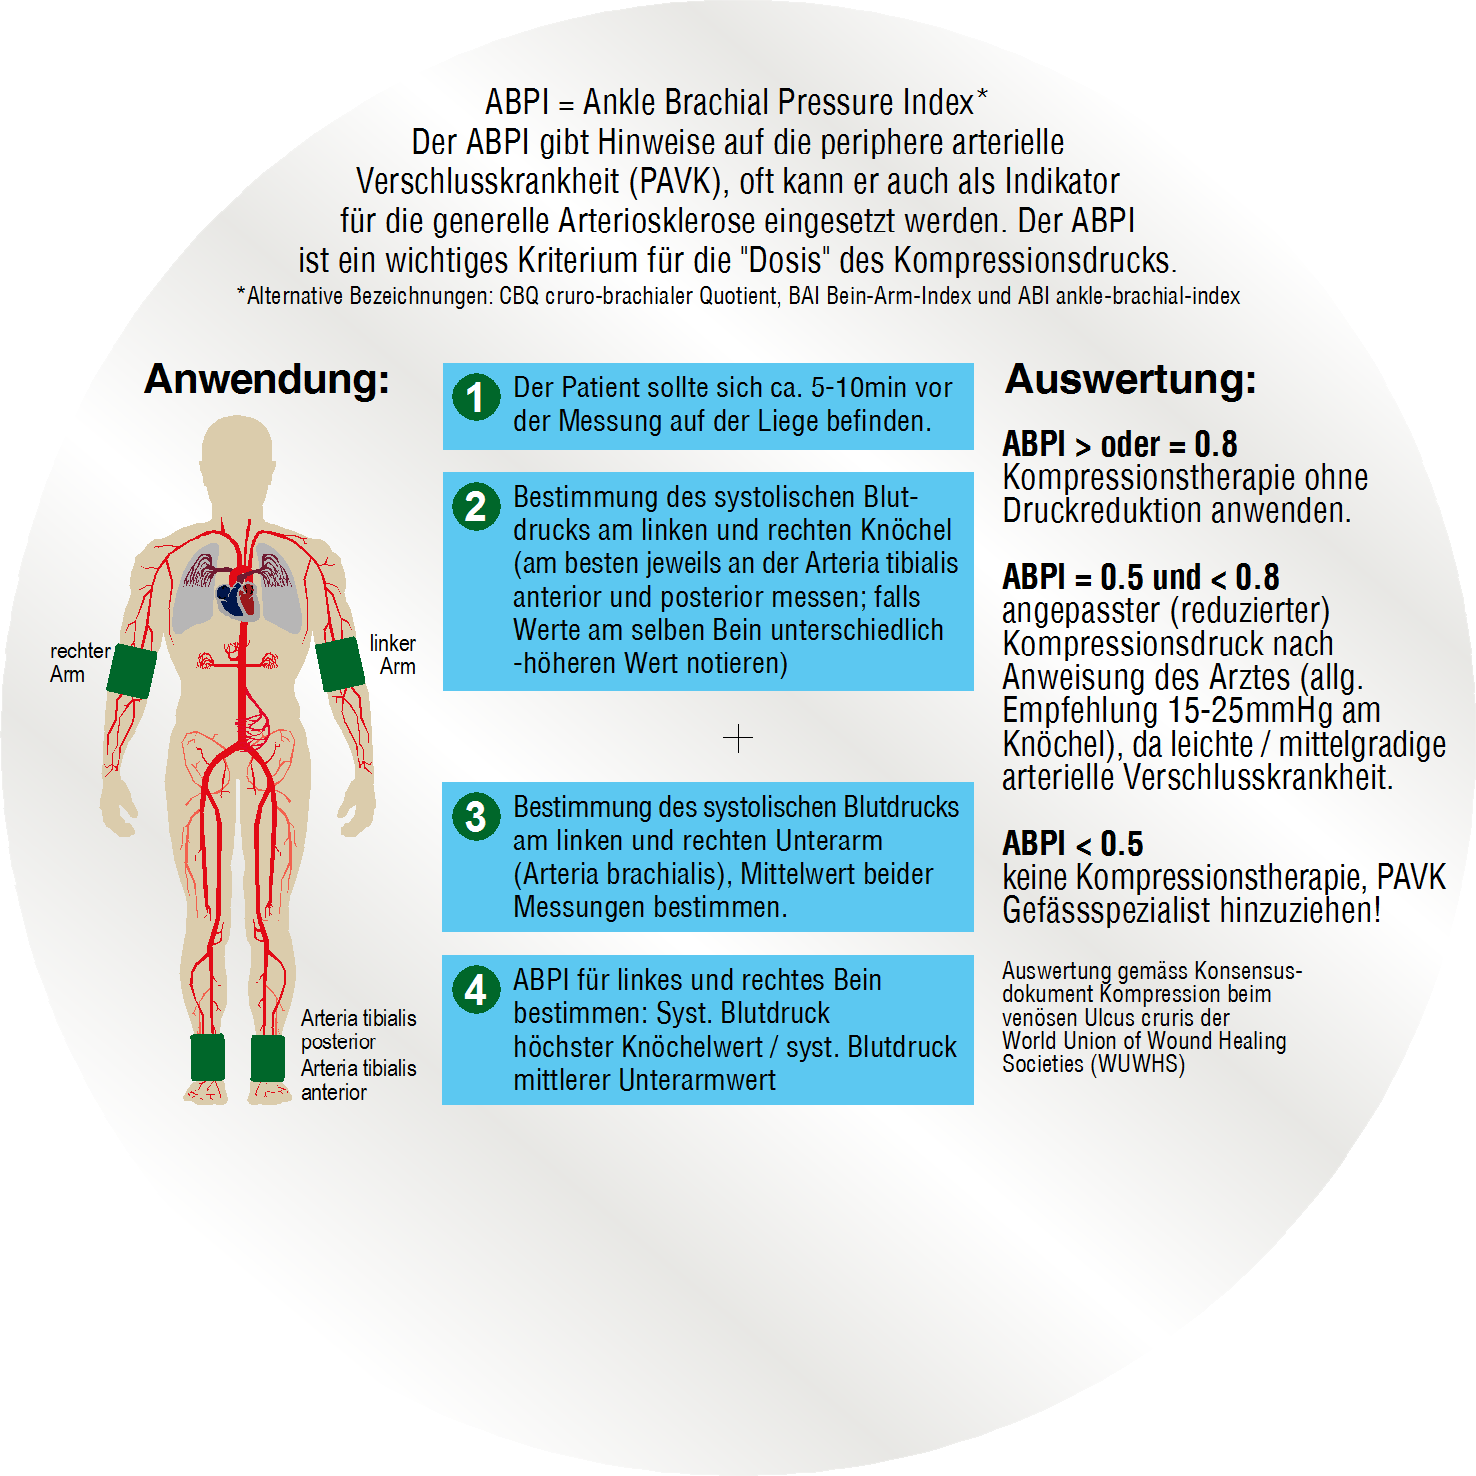 """ABPI Scheibe Rückseite - ABPI = Ankle Brachial Pressure Index* Der ABPI gibt Hinweise auf die periphere arterielle Verschlusskrankheit (PAVK), oft kann er auch als Indikator für die generelle Arteriosklerose eingesetzt werden. Der ABPI ist ein wichtiges Kriterium für die """"Dosis"""" des Kompressionsdrucks. *Alternative Bezeichnungen: CBQ cruro-brachialer Quotient, BAI Bein-Arm-Index und ABI ankle-brachial-indexöglich."""